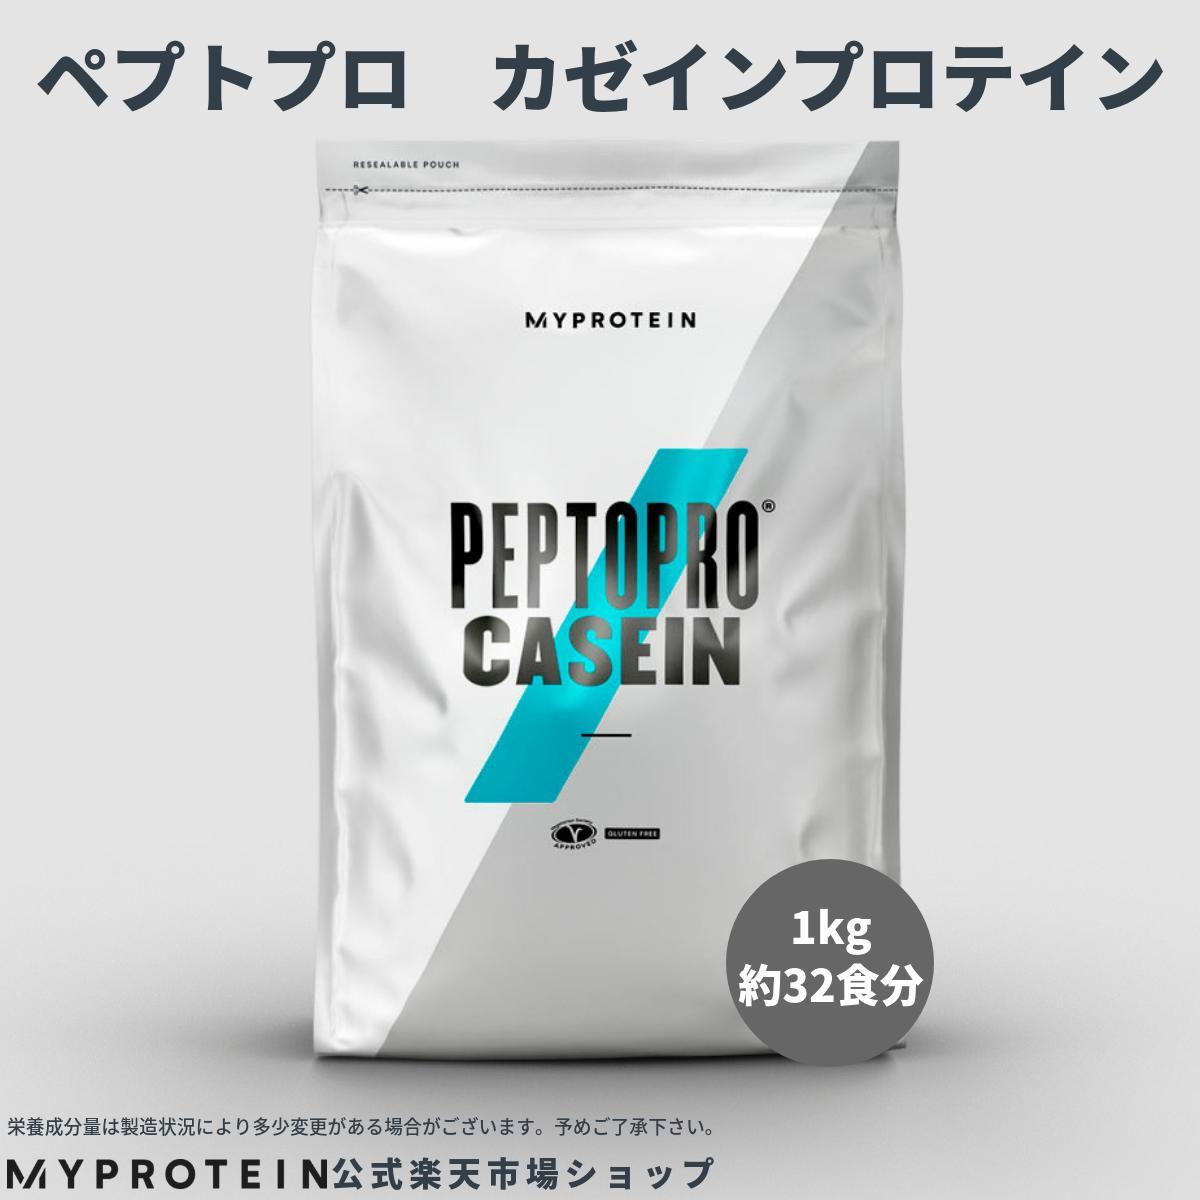 マイプロテイン 公式 【MyProtein】 ペプトプロ カゼイン (加水分解カゼインプロテイン) 1kg 約32食分| プロテイン カゼイン カゼインプロテイン アミノ酸 ダイエット バルクアップ ボディーメイク リカバリー 回復 グルタミン マグネシウム